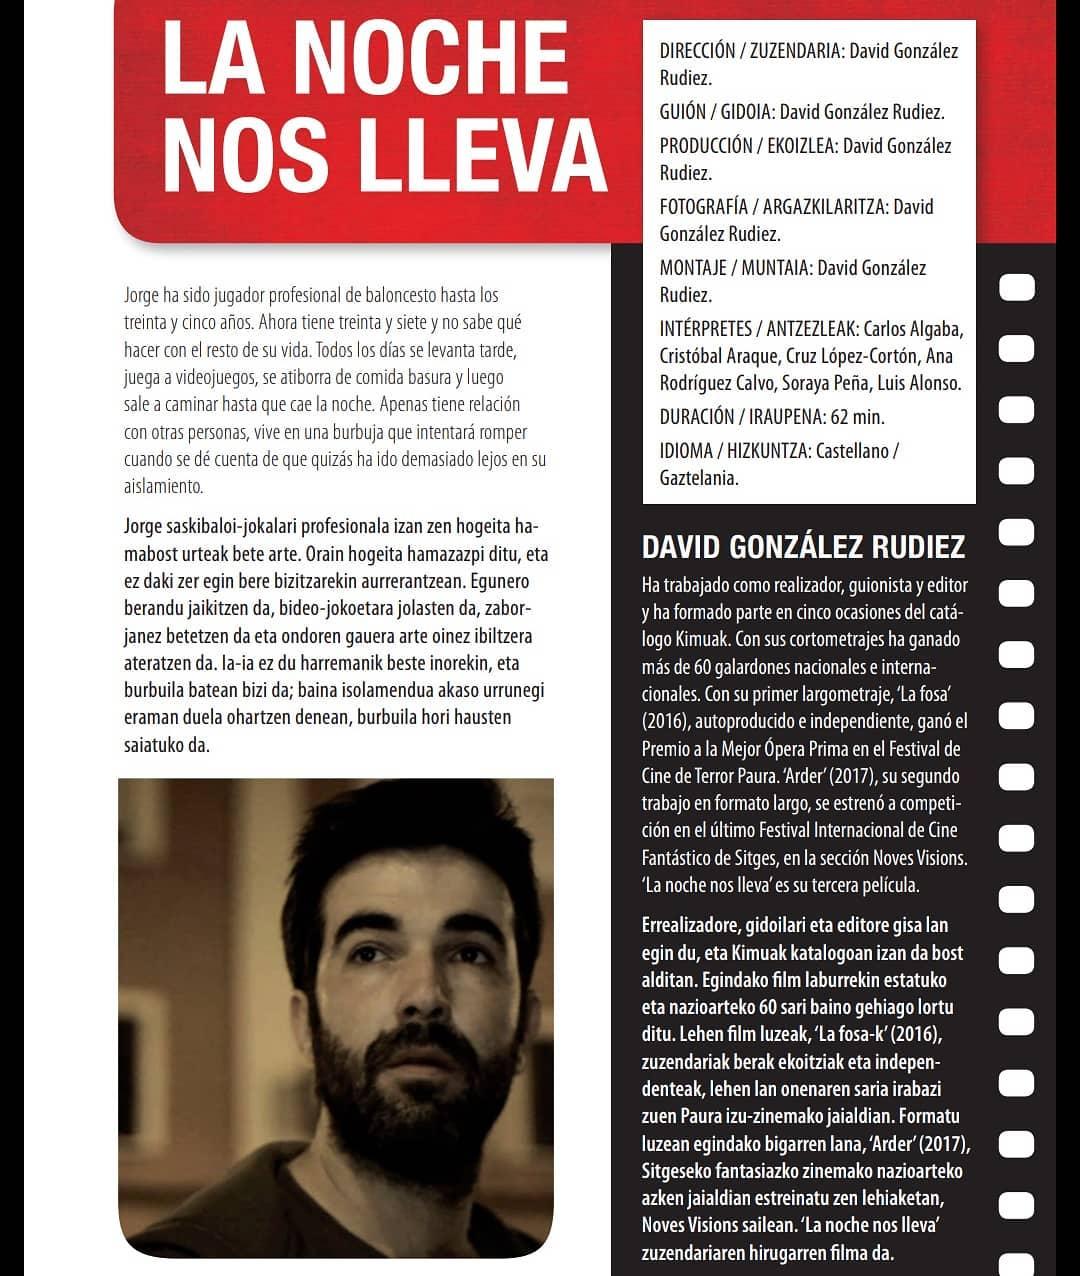 &quote;La noche nos lleva&quote; participará en la Semana del Cine Vasco de Vitoria